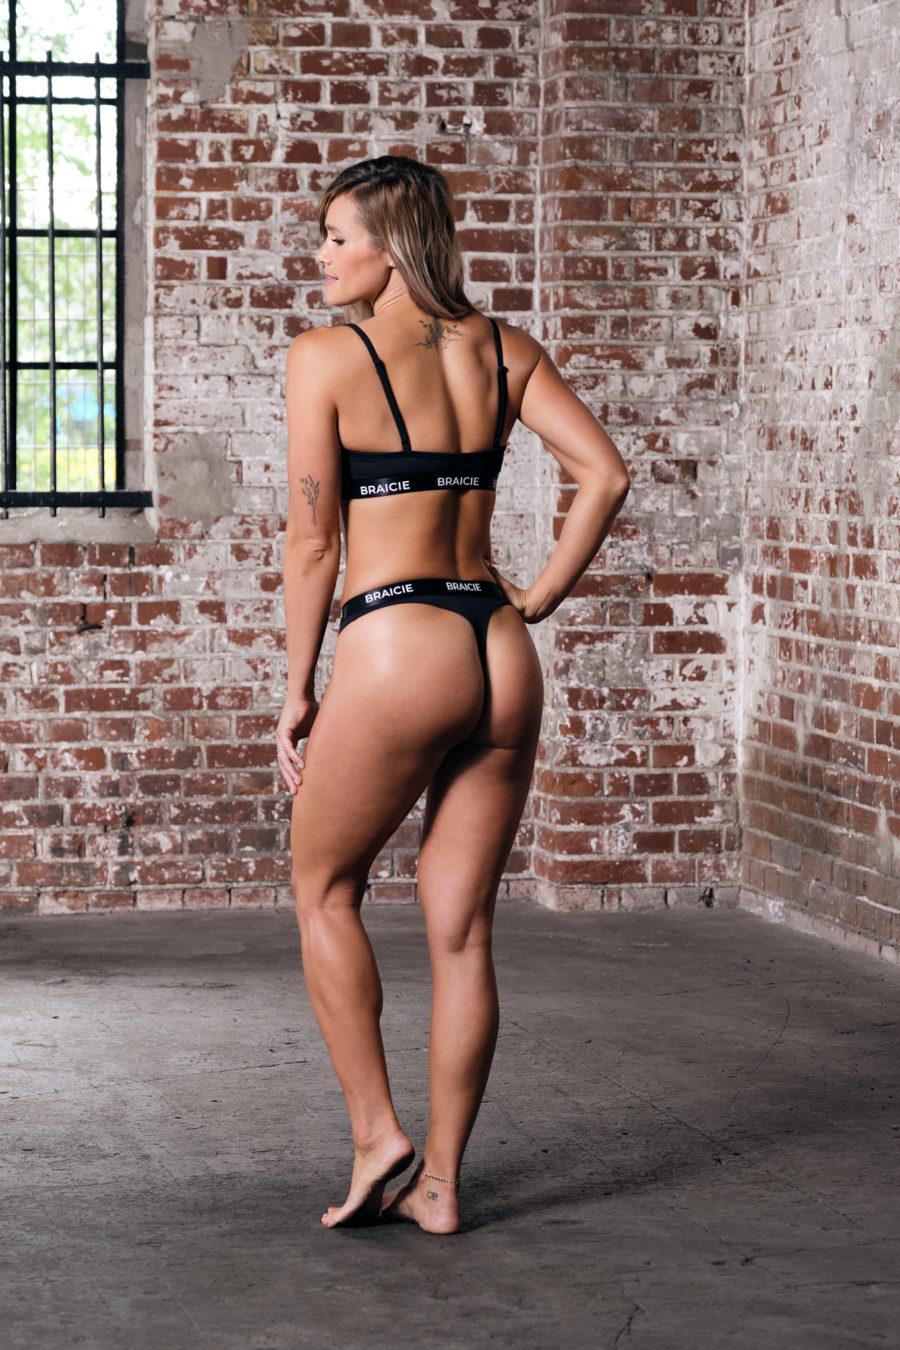 Ganzkörper Rück-Ansicht einer Frau im Sport-BH und Sport-String in schwarz